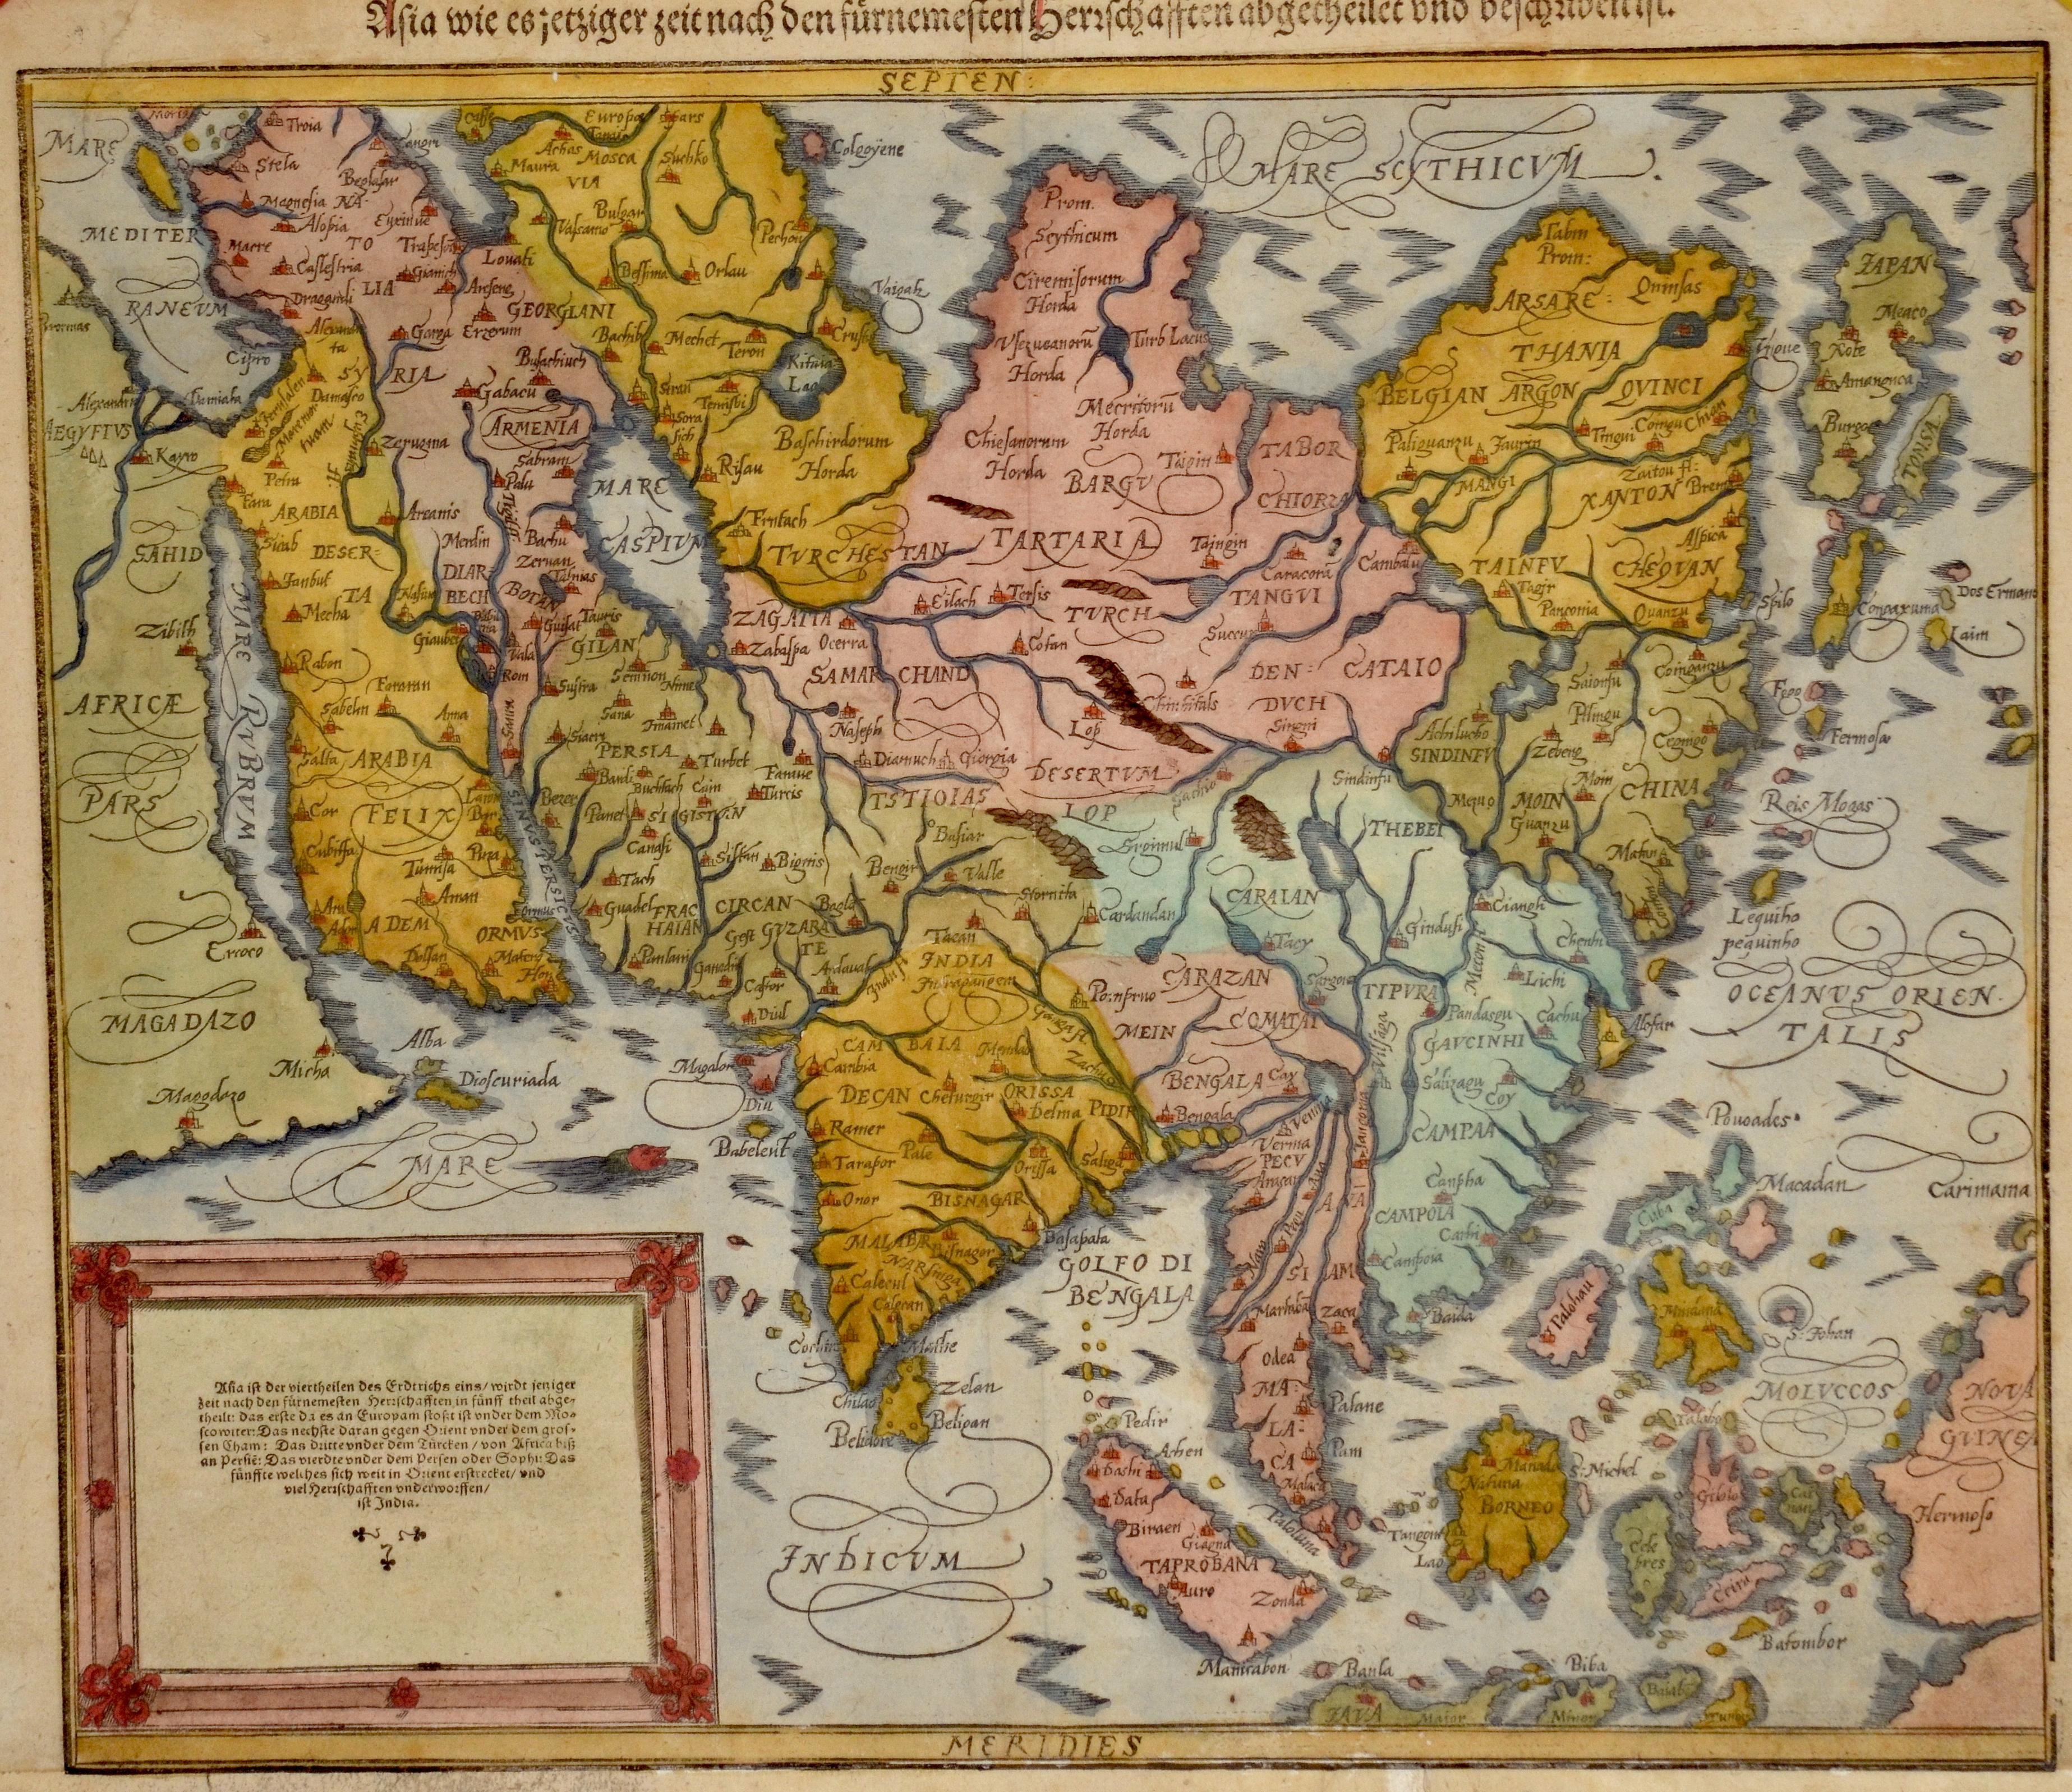 Münster  Asia wie es jetziger Zeit nach den fürnemsten Herrschaften beschriben ist